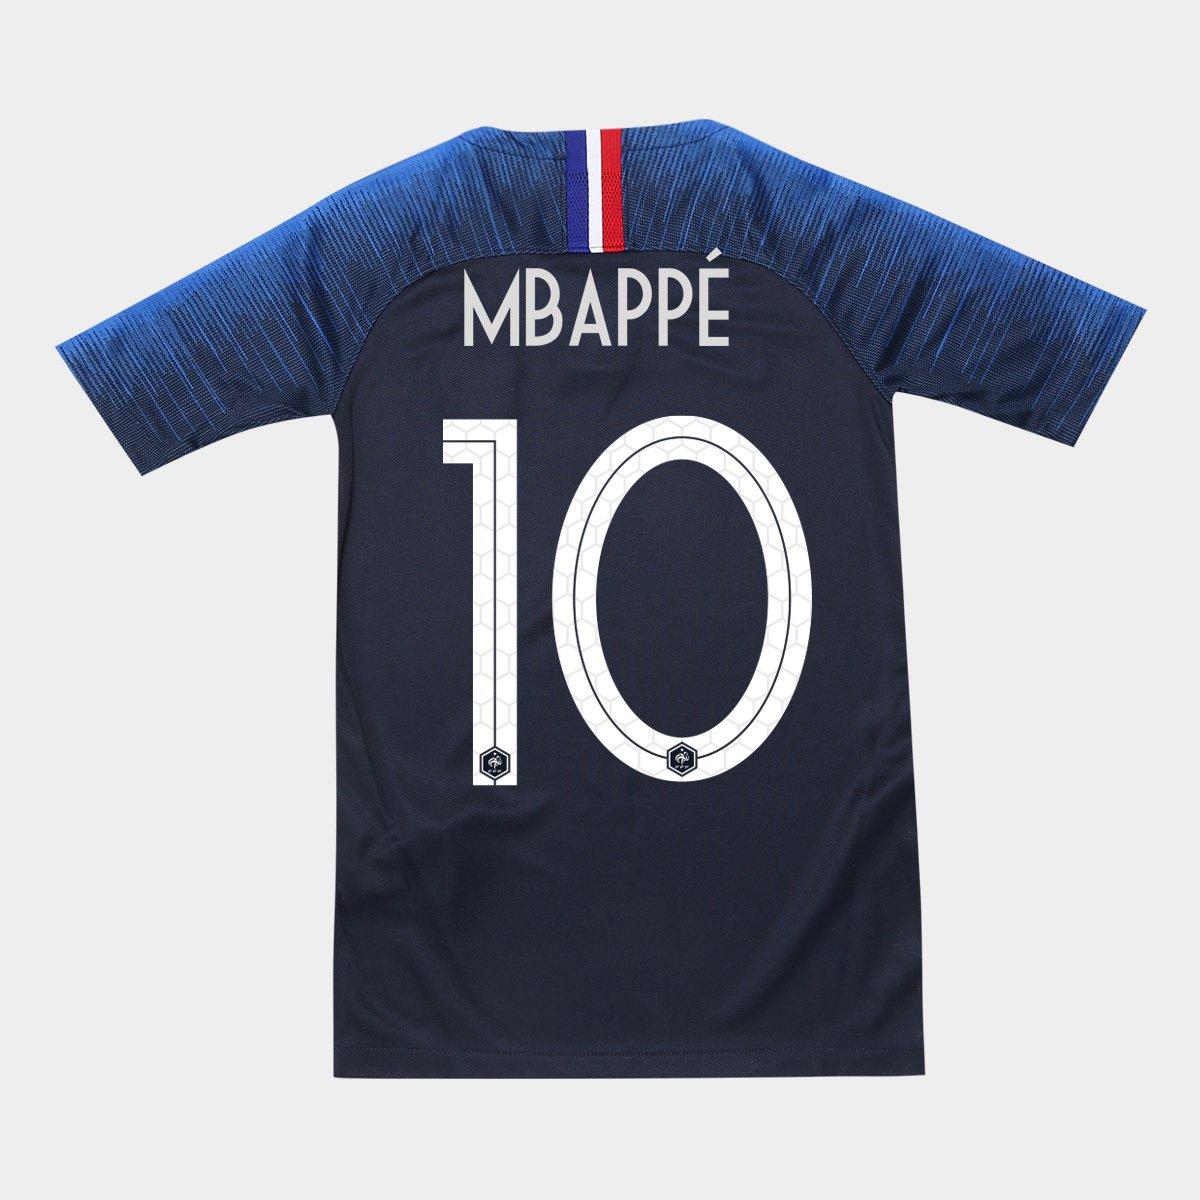 Camisa Seleção França Juvenil Home 2018 n° 10 Mbappé - Torcedor Nike -  Compre Agora  26653df7c5bc1